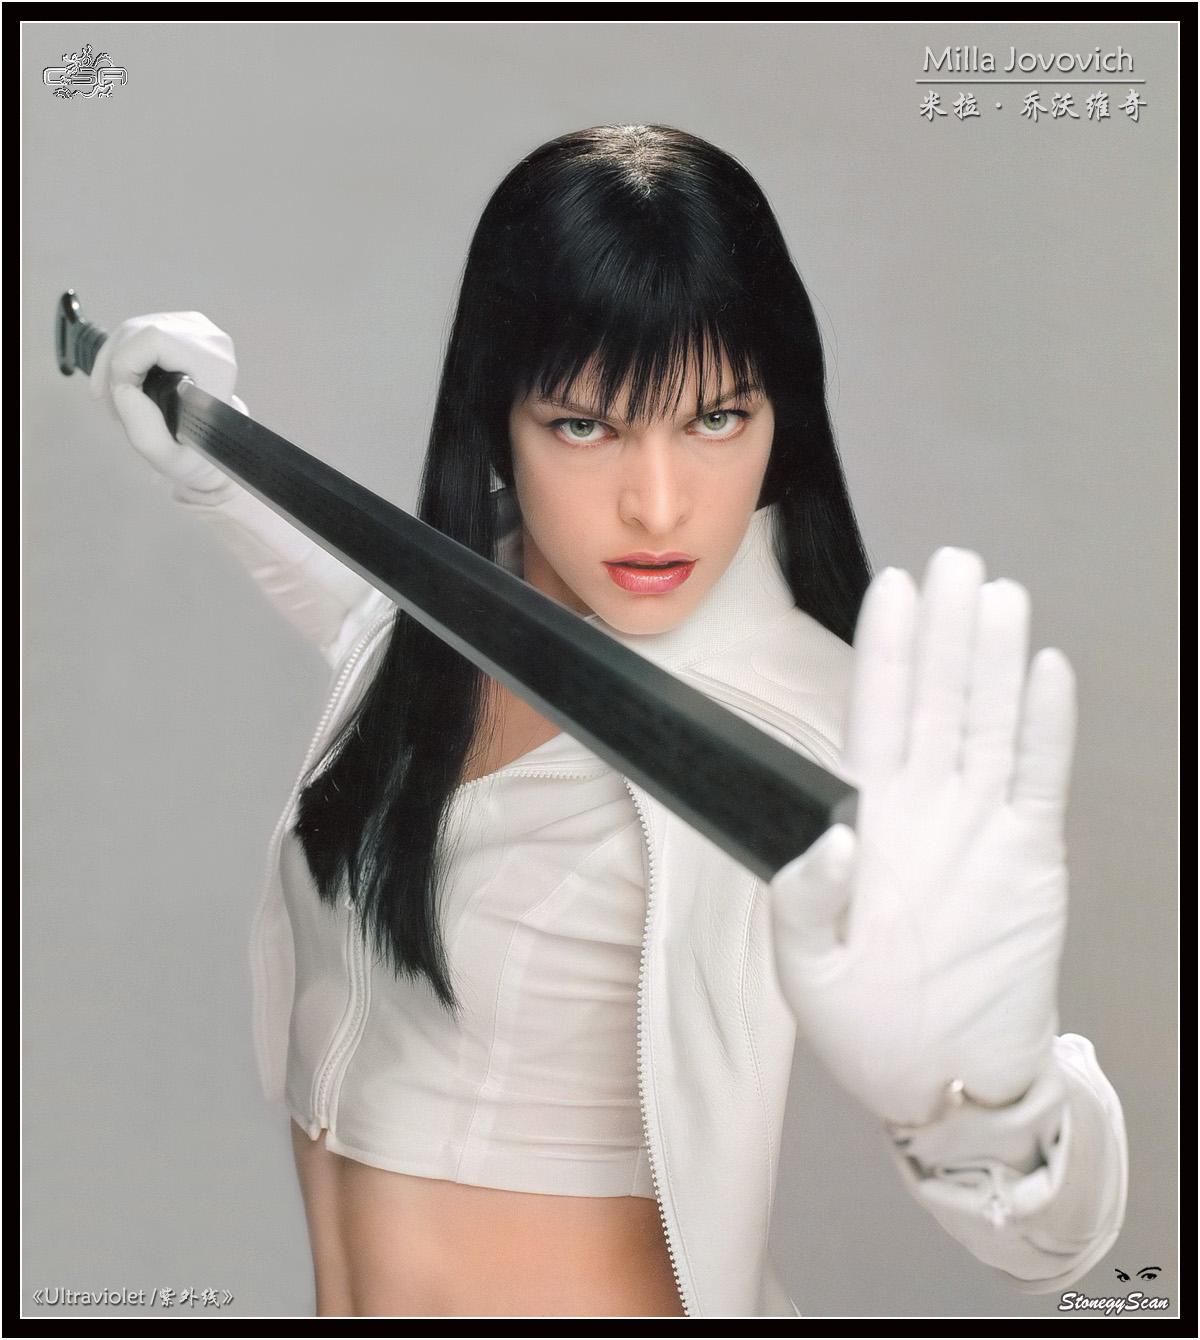 http://4.bp.blogspot.com/_uYjswWPkak8/R1G46ZqnCvI/AAAAAAAABFI/0hq30YJ_Fcs/s1600-R/Milla+Jovovich+(15).jpg